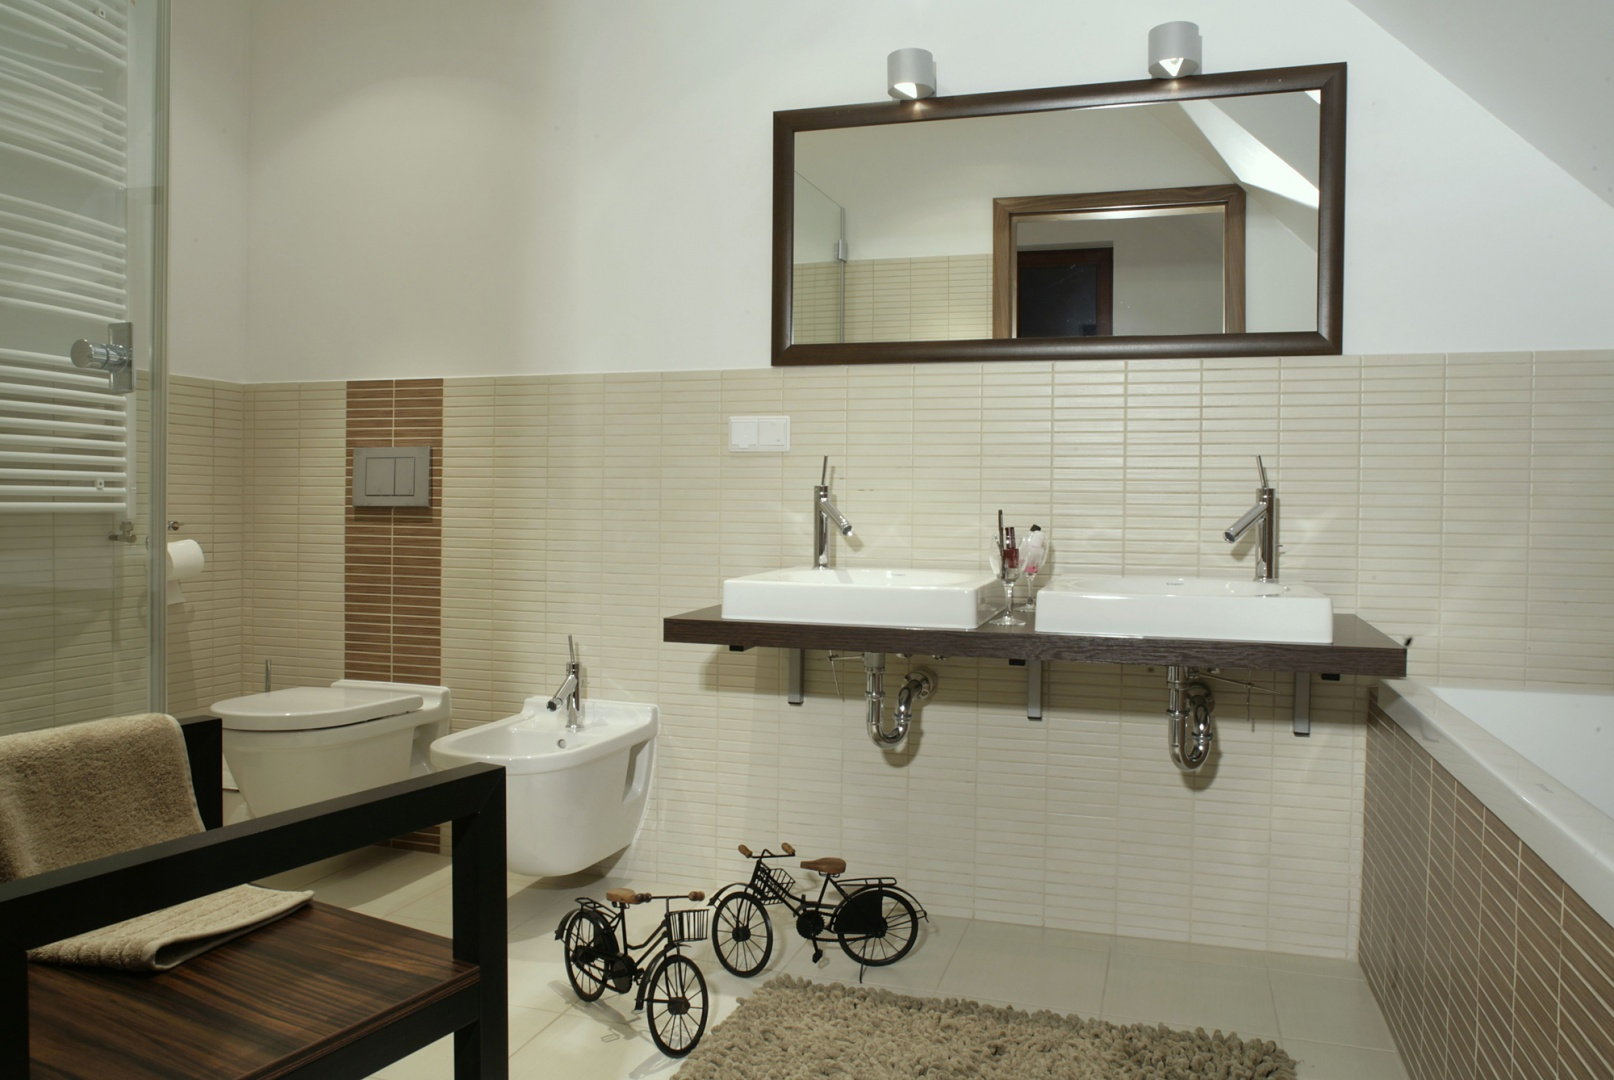 Pozostawione na widoku syfony pod umywalkami to jeden z wizualnych elementów, które składają się na nowoczesny, ascetyczny, postindustrialny styl tej łazienki. Fot. Monika Filipiuk.